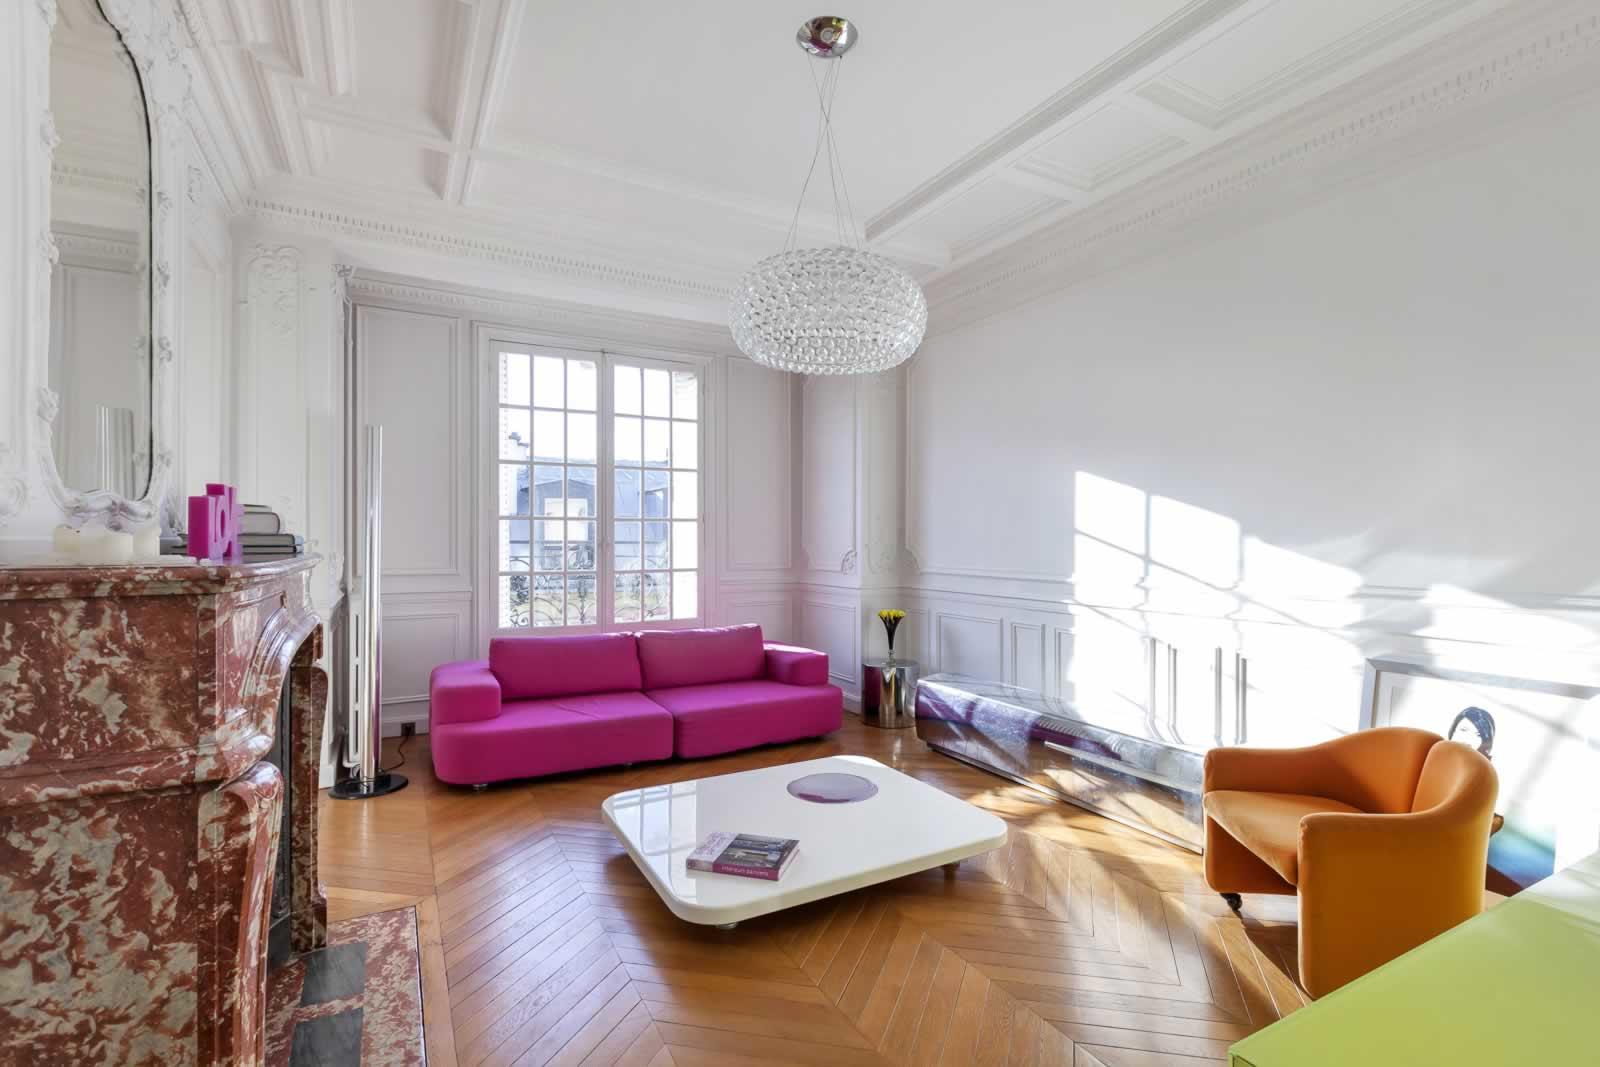 Bel appartement  vendre dans le quartier MiromesnilMonceau dans le 8me arrondissement Paris